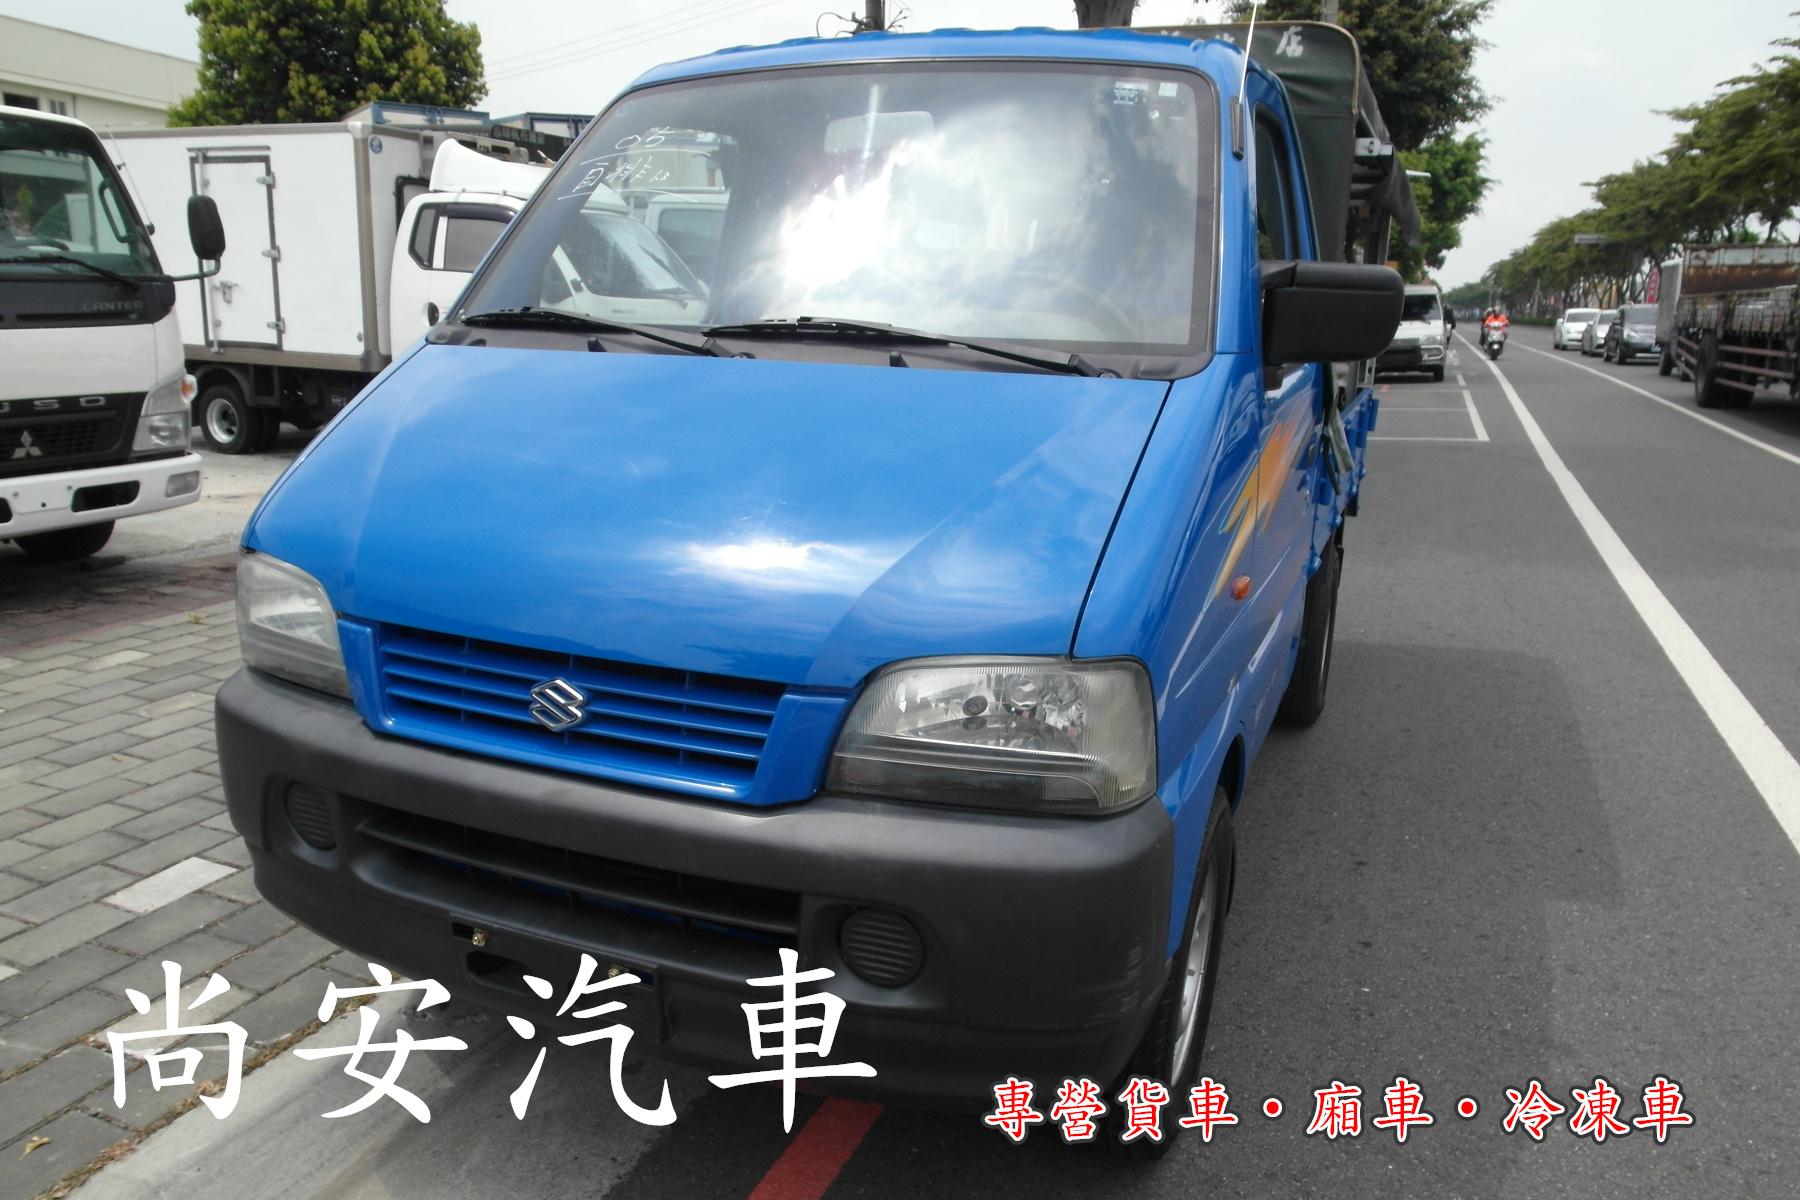 2005 Suzuki 鈴木 Super carry